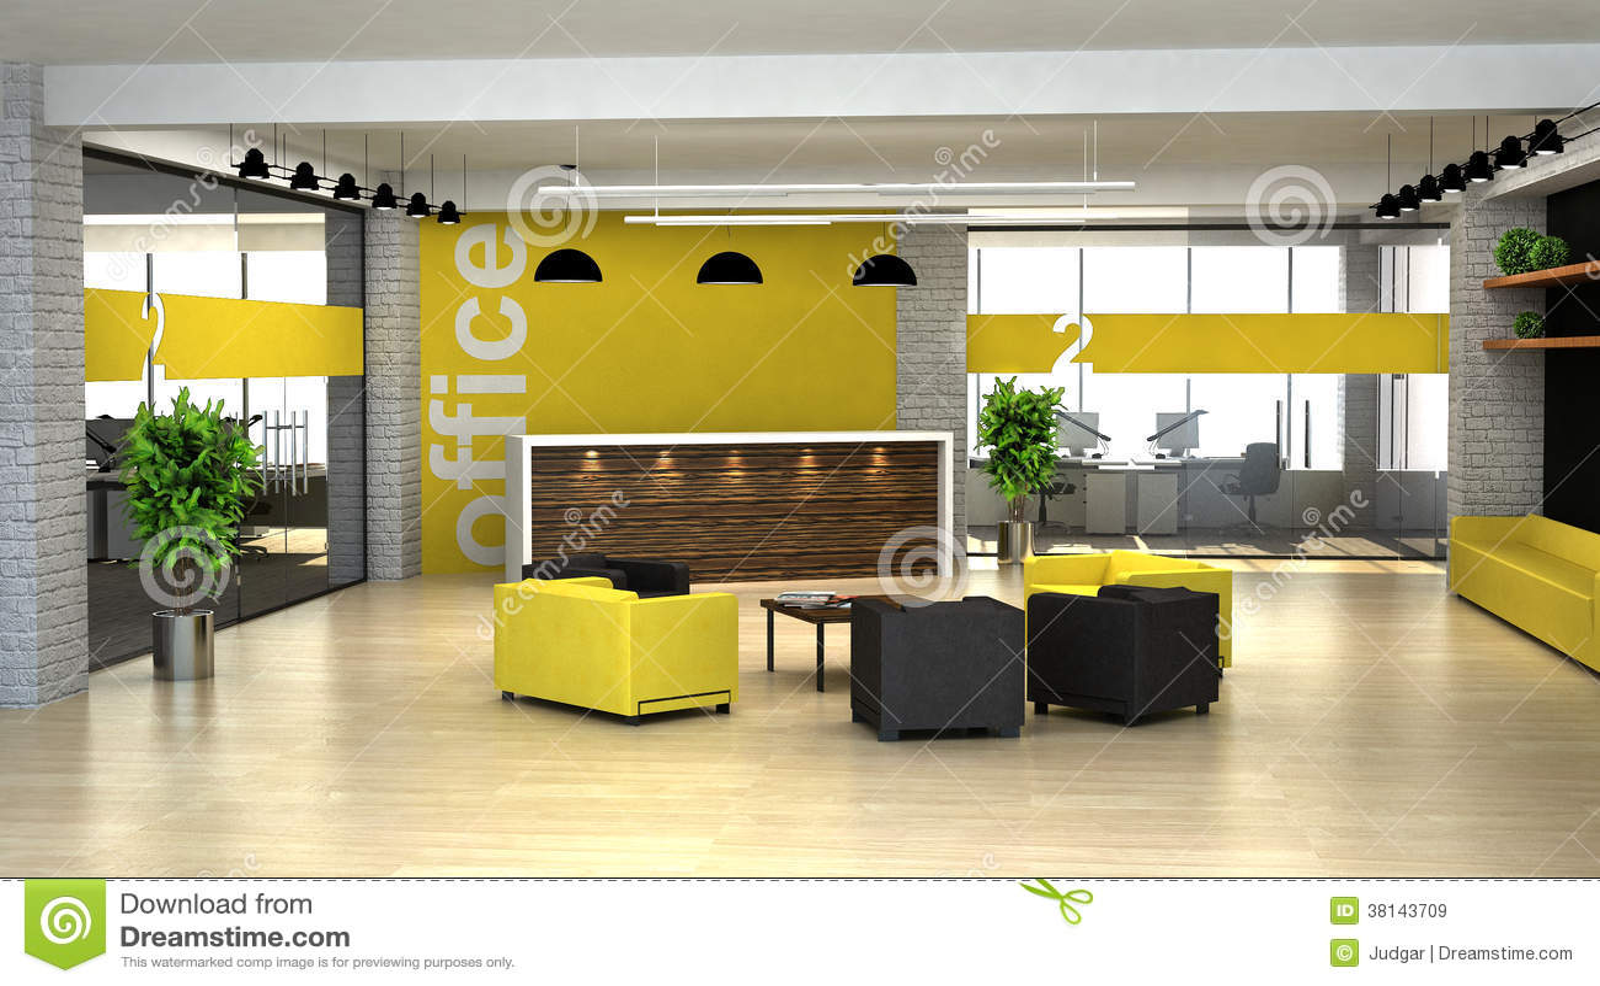 3d представляя интерьер офиса. Hall с приемом